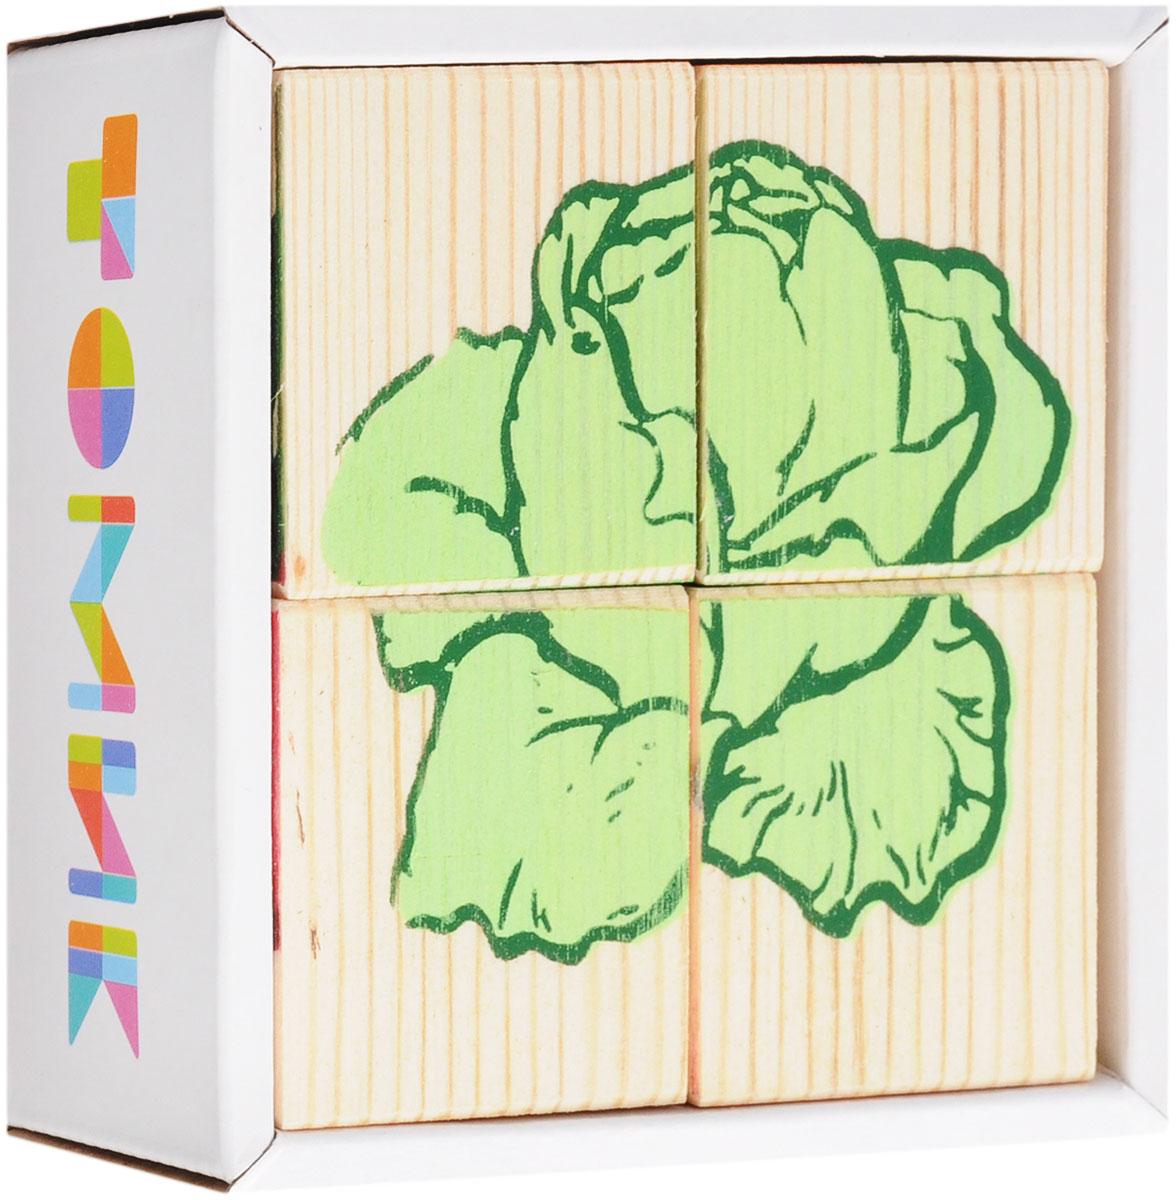 Томик Кубики Овощи3333-6Кубики Томик Овощи станут отличным подарком для малыша. Деревянные кубики с рисунками многие родители неслучайно выбирают в качестве одной из первых игрушек для своих малышей. Ведь это не только прекрасный строительный материал для детских замков, но и удобное пособие для развития зрительной памяти, логики и мелкой моторики у детей. Объясните ребенку, что на каждом кубике нанесены части картинки, которые надо собрать вместе. Покажите как, вращая кубик, можно найти необходимый кусочек изображения. С помощью кубиков можно собрать 6 разных изображений овощей: огурец, картошка, морковка, капуста, помидор, свекла.